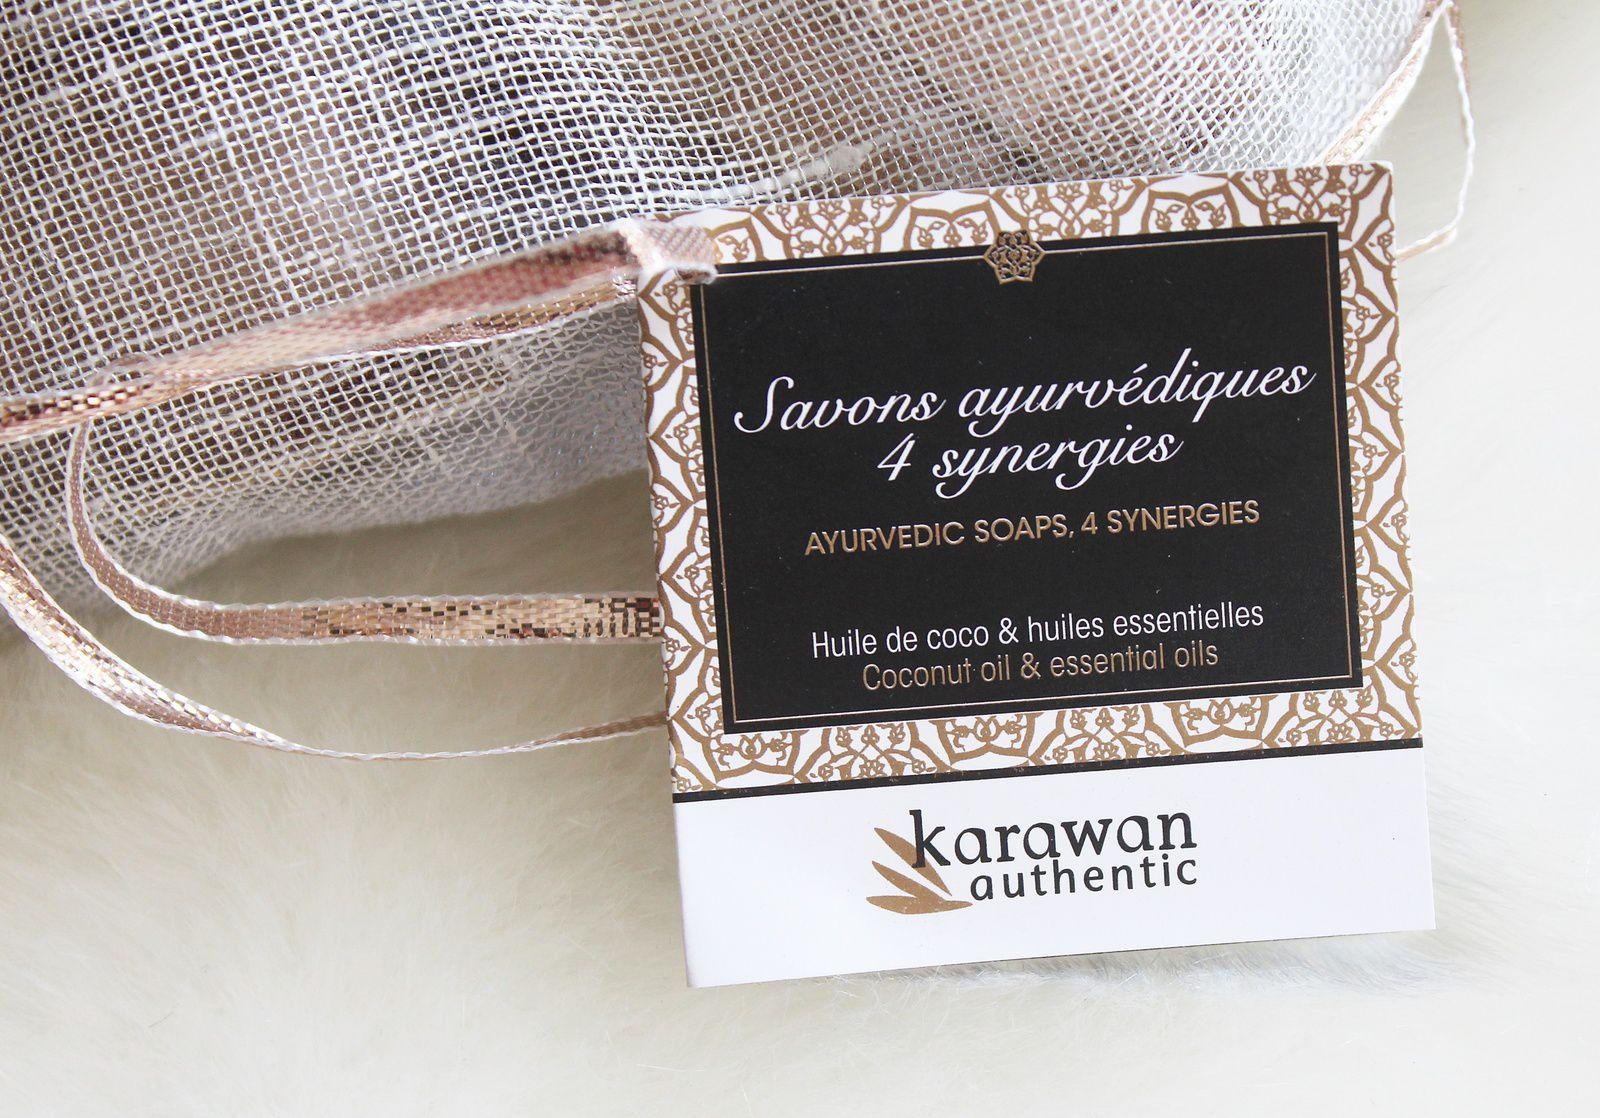 Coup de cœur pour les savons ayurvédiques Karawan